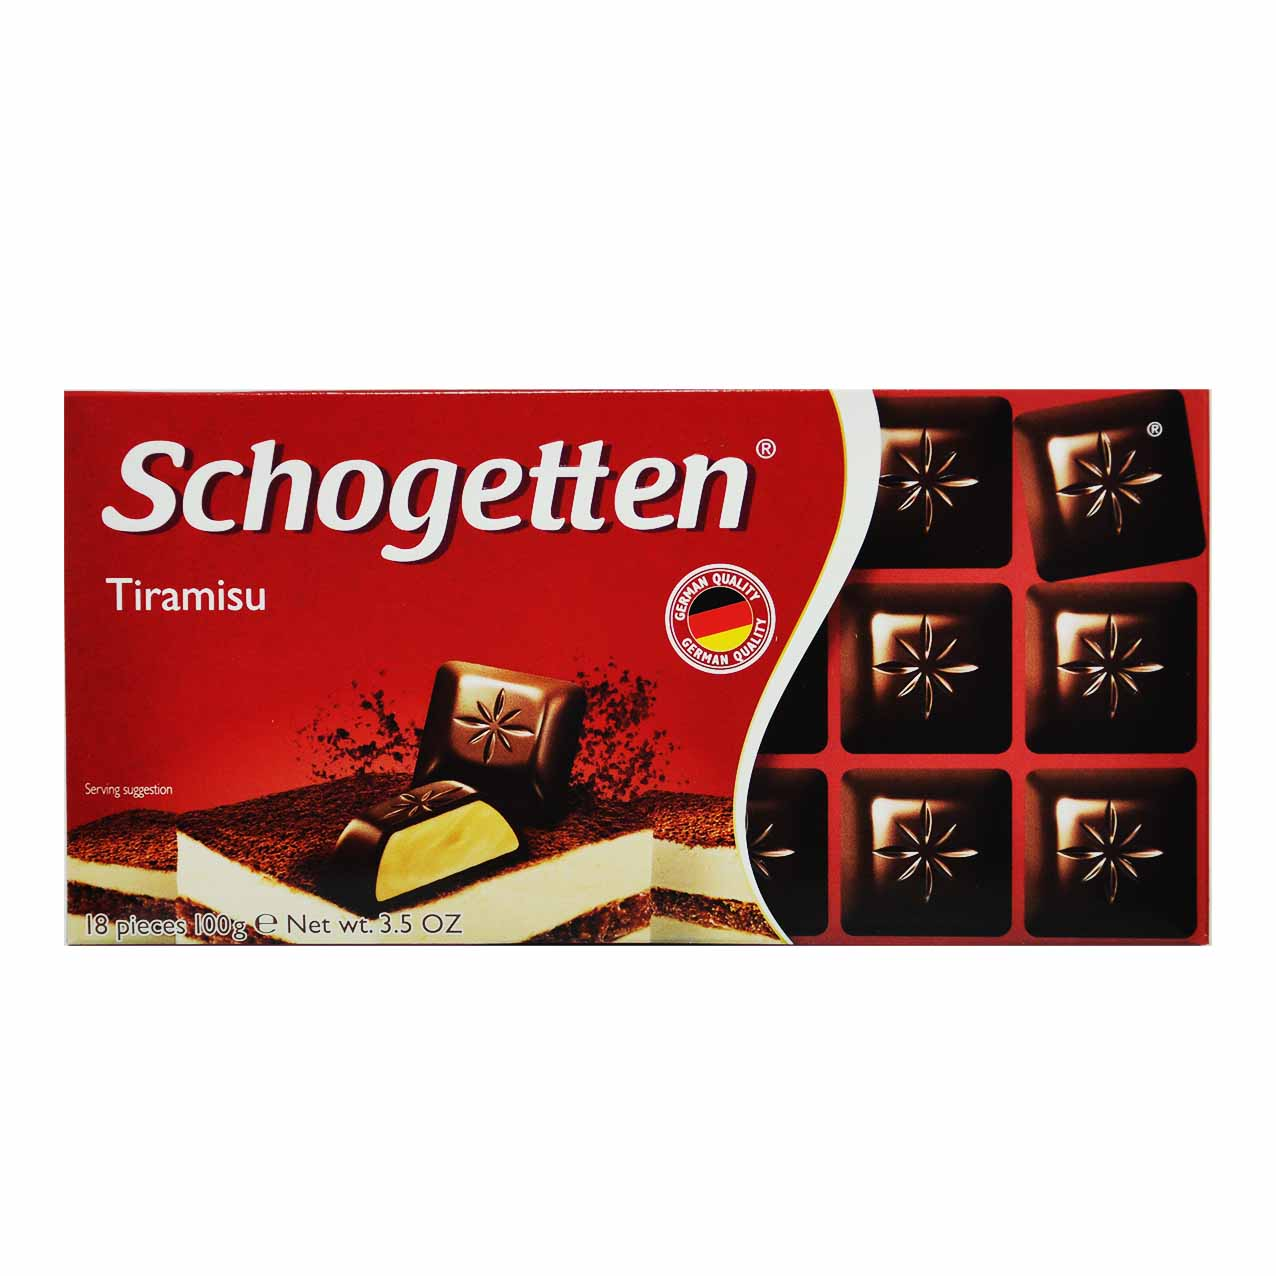 شکلات تیرامیسو شوگوتن – schogetten